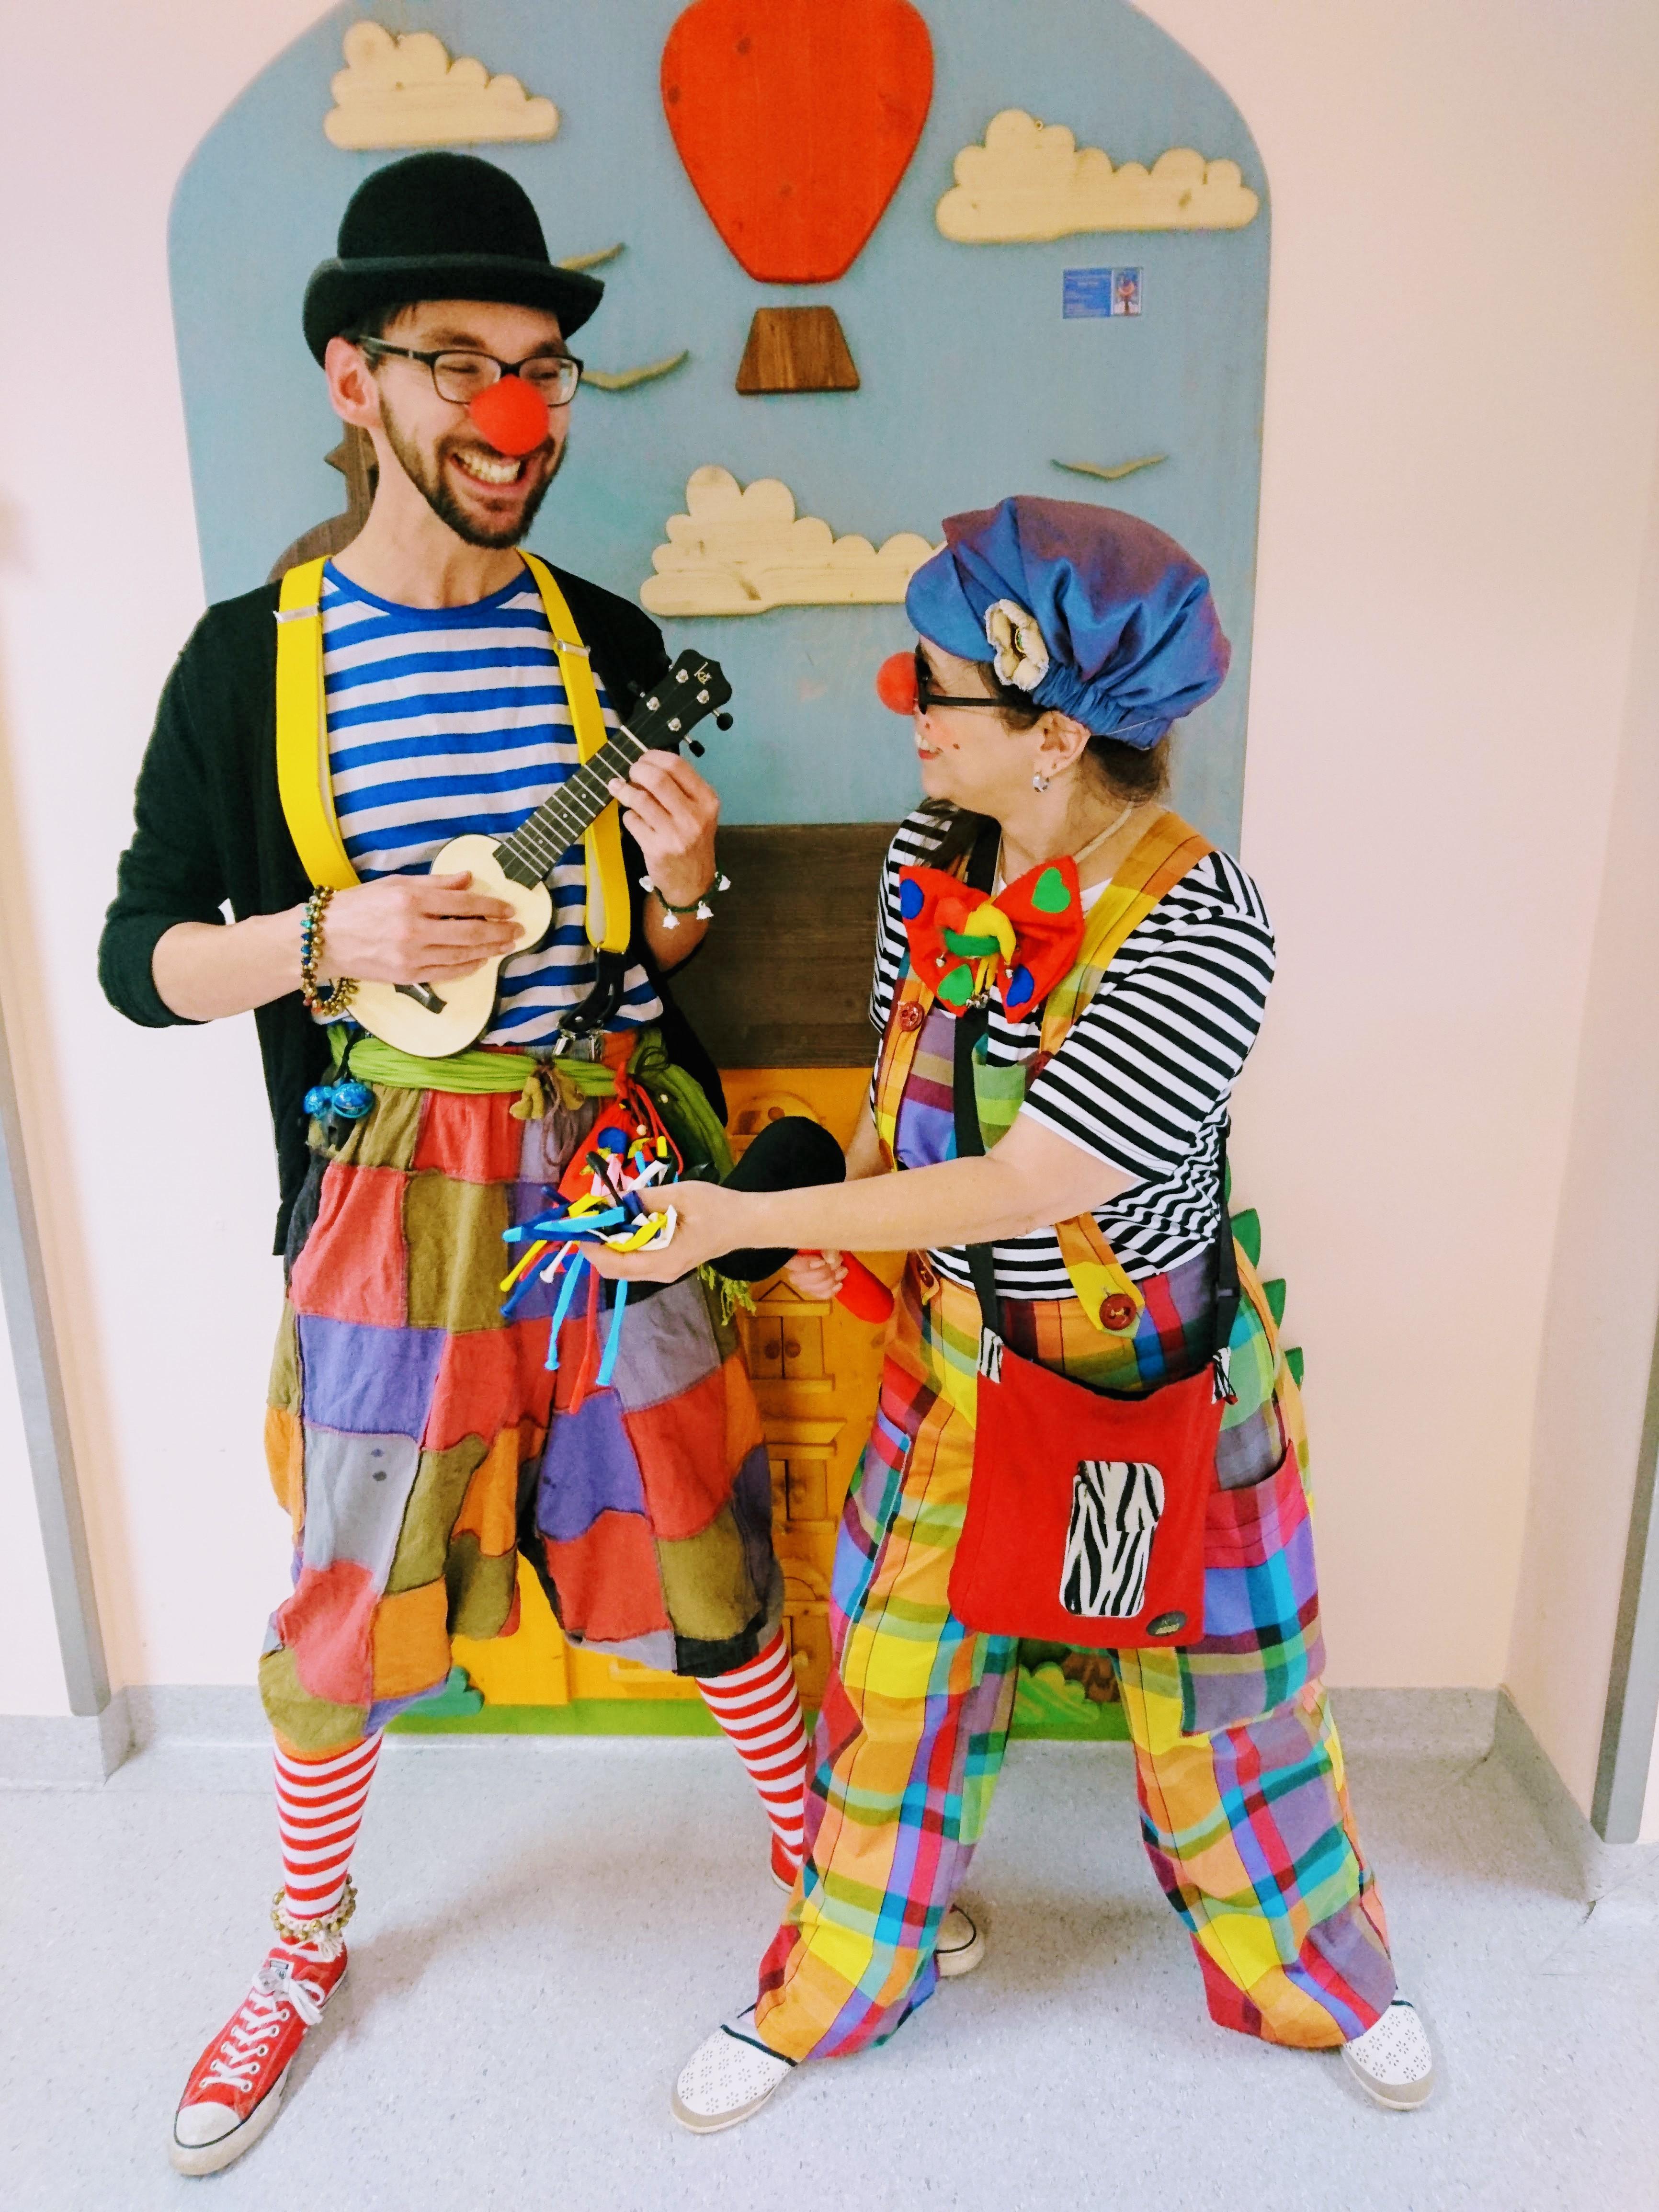 Klinikclown Theo Plumps und Clownine Kunst verbreiten gute Laune